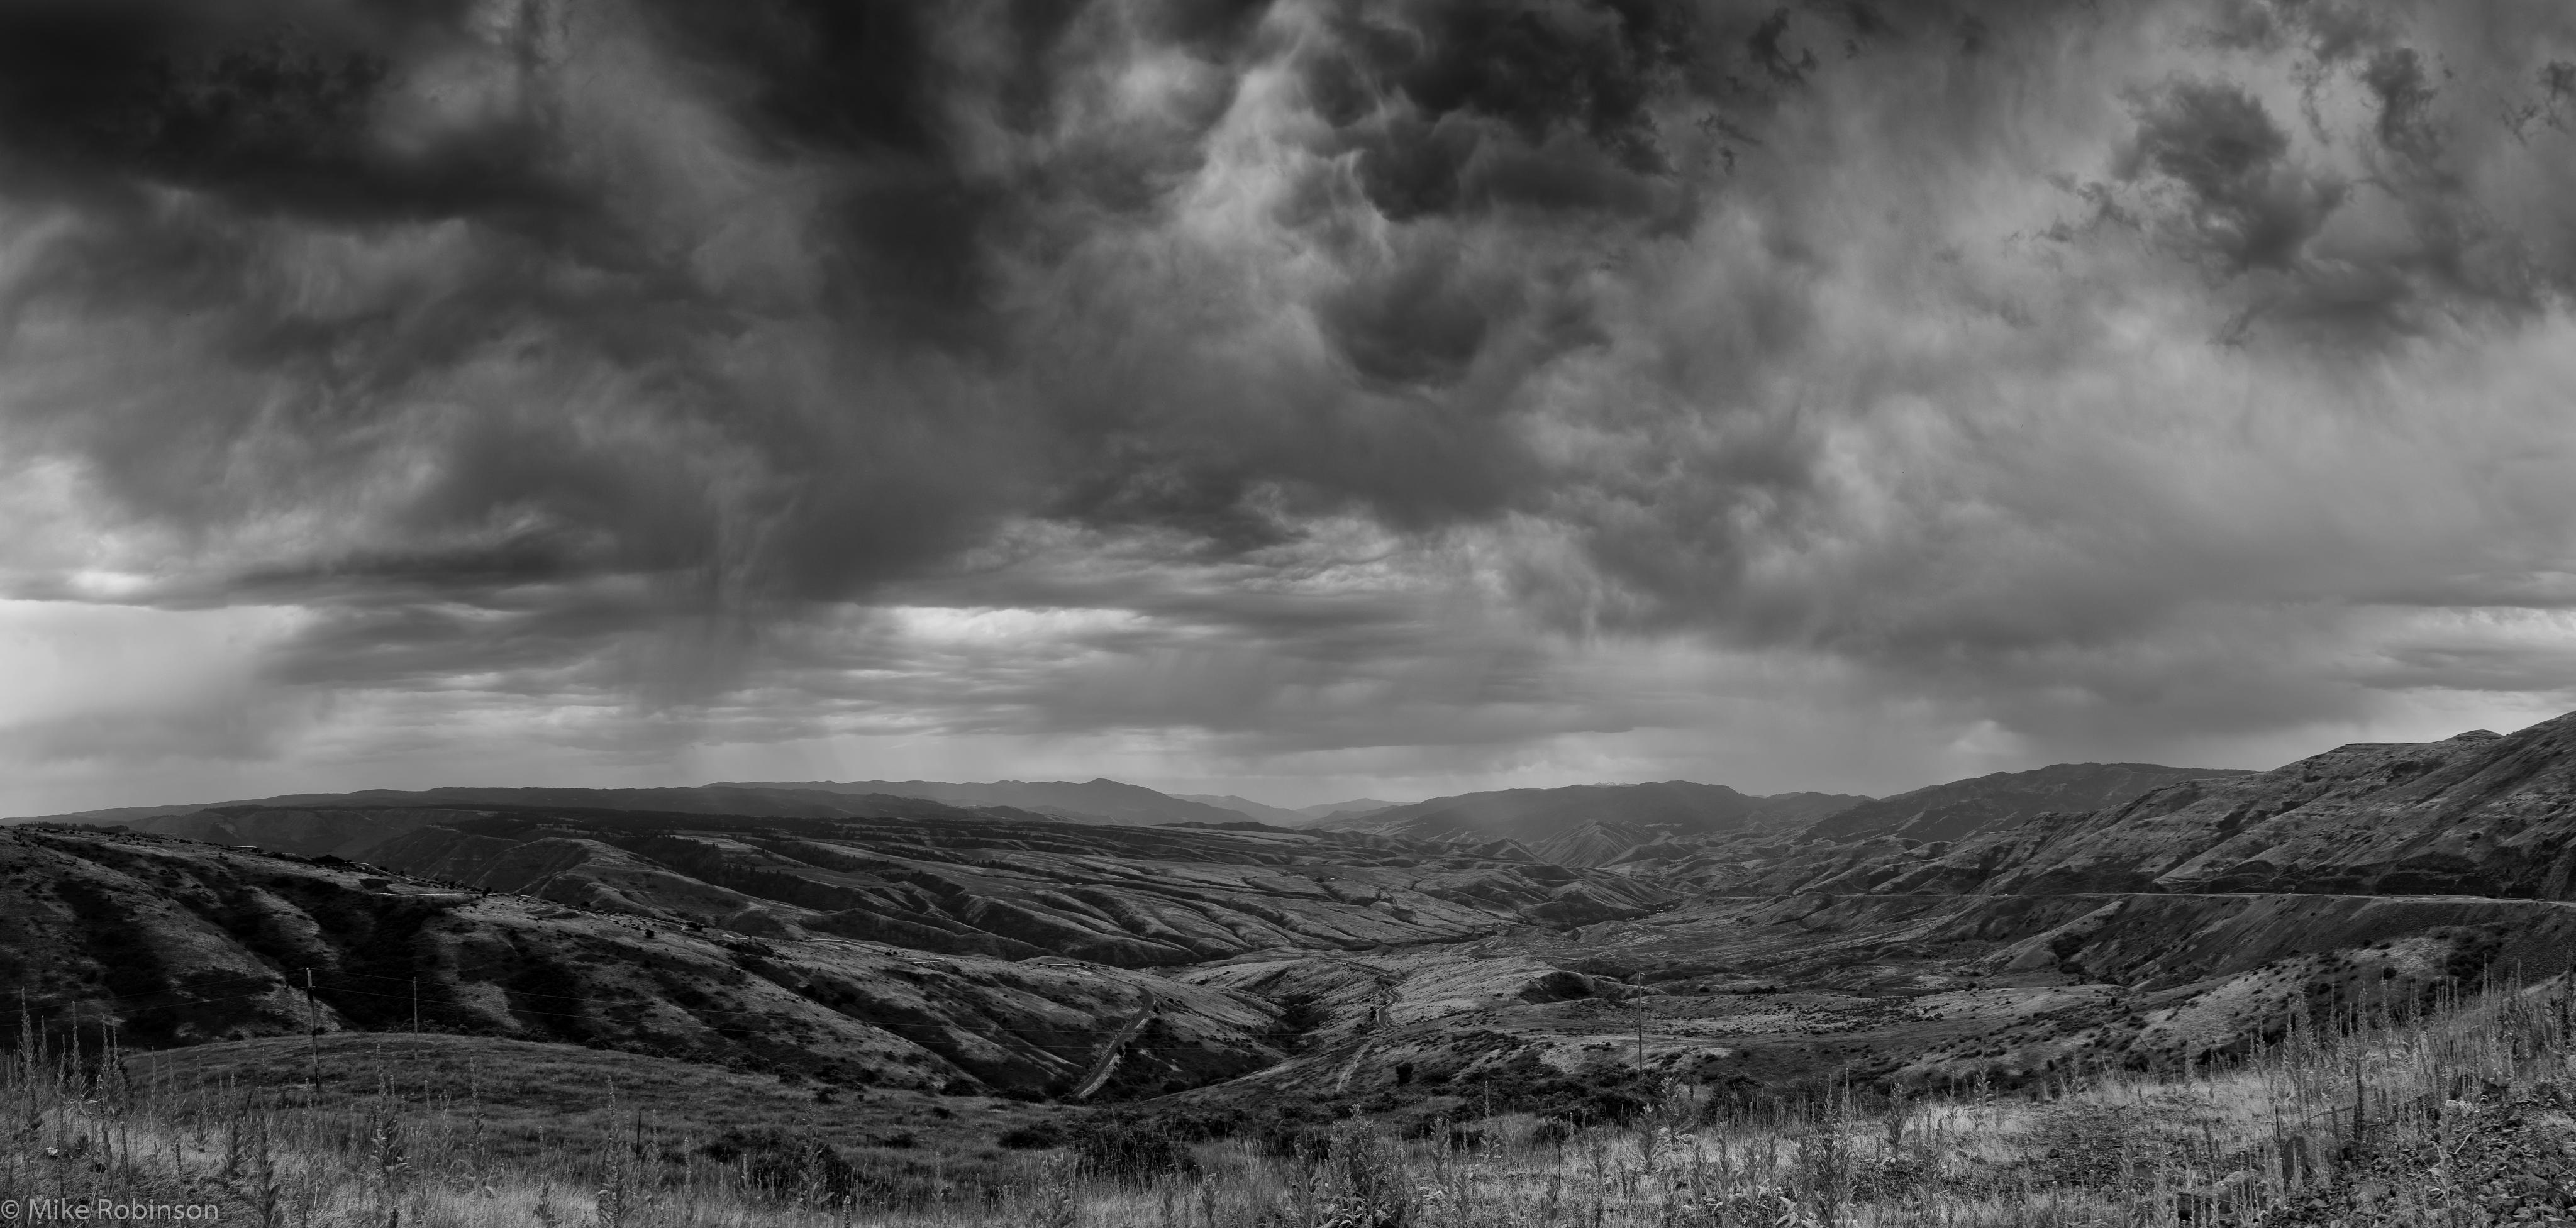 Pano_Idaho_Rain_BW.jpg